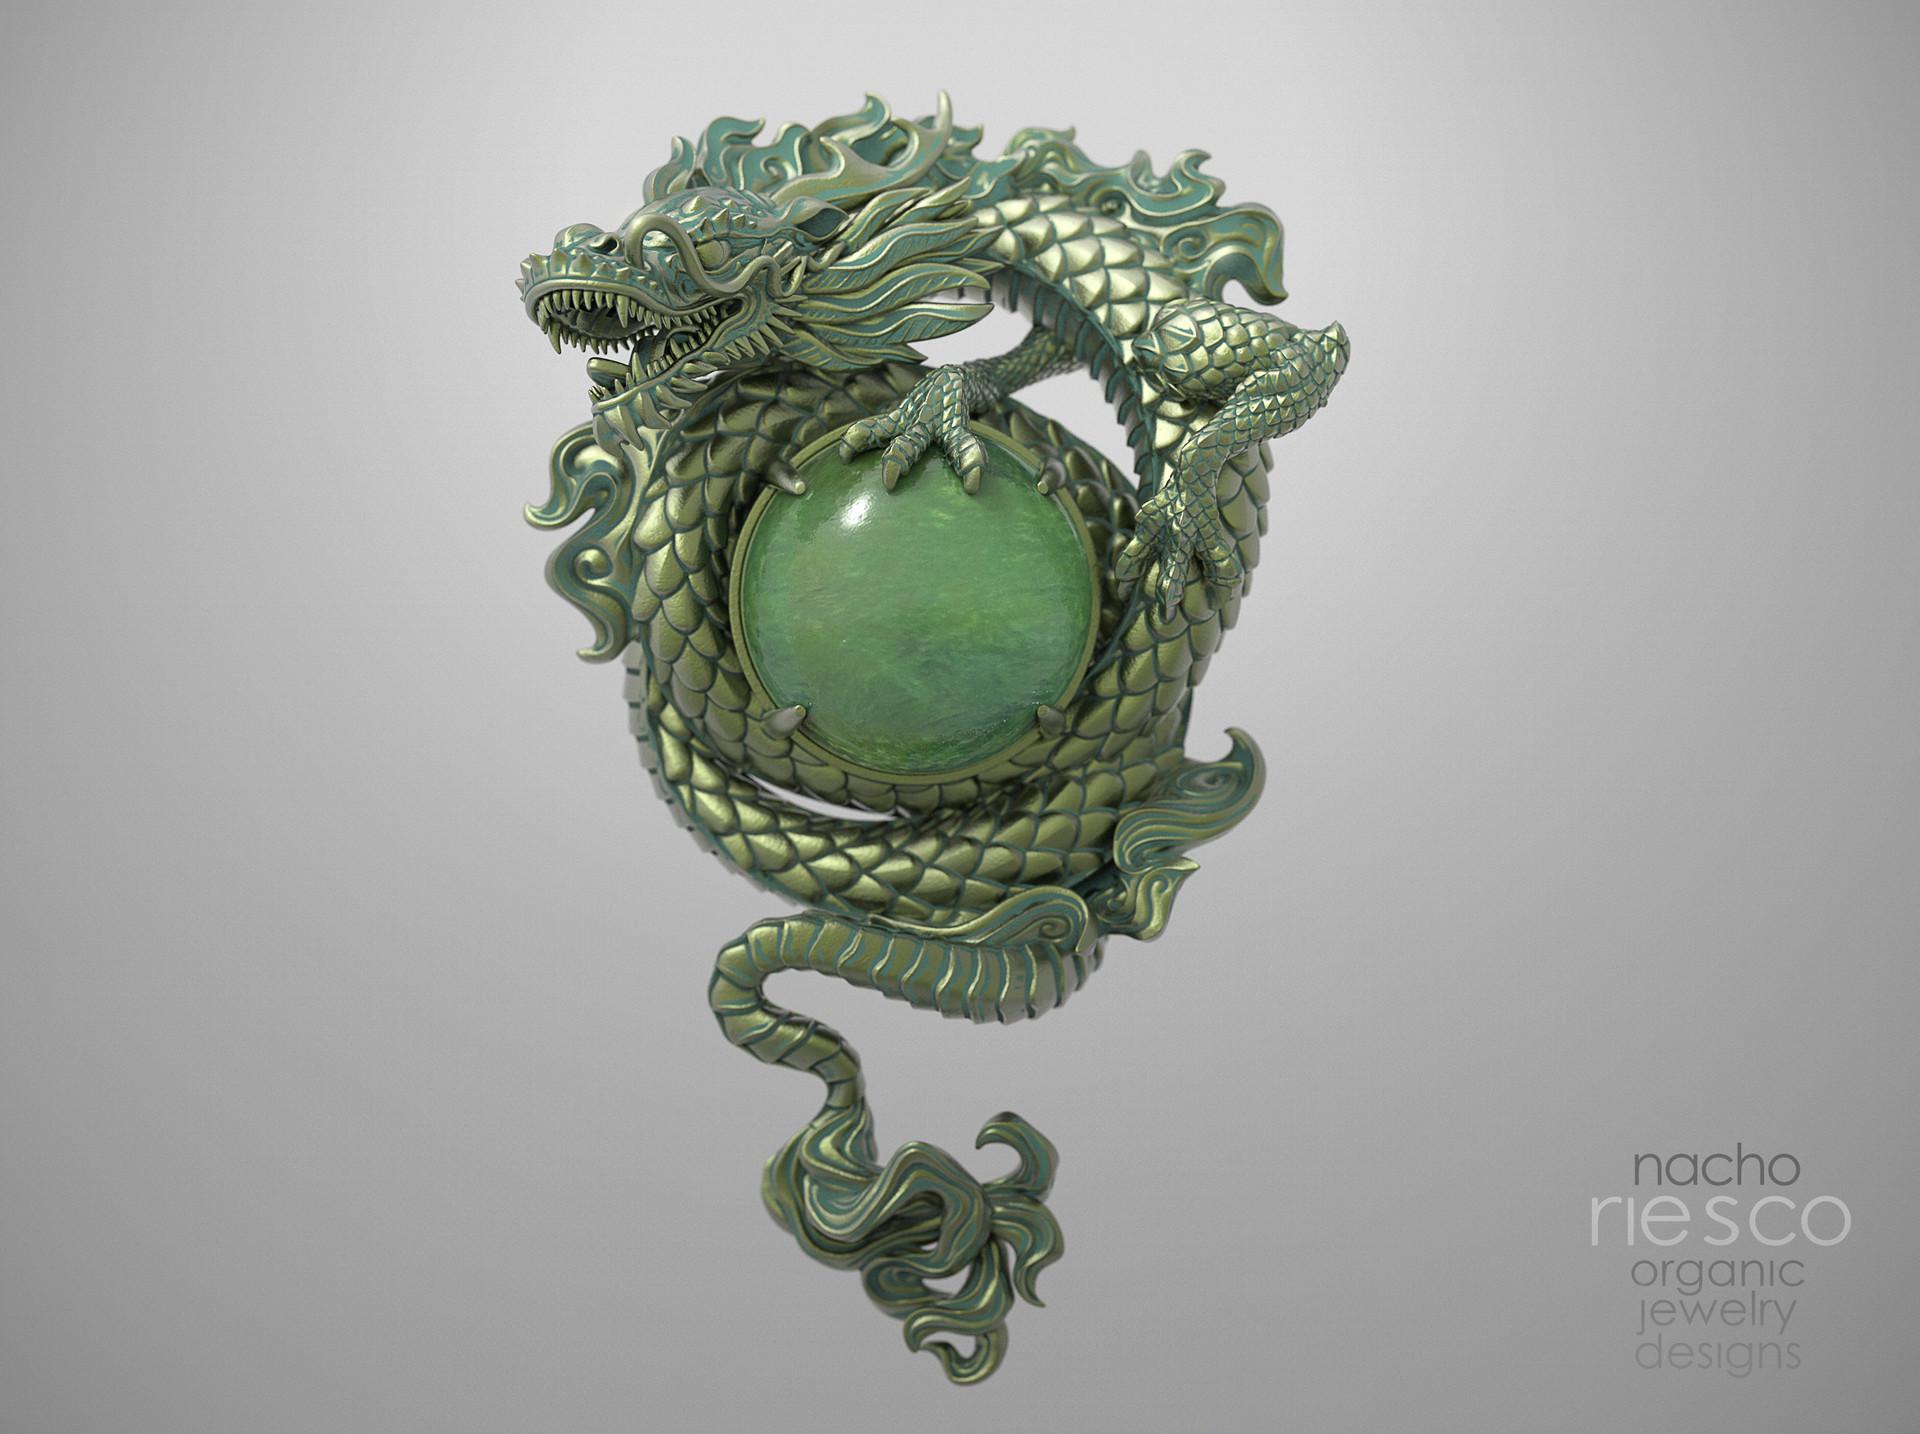 Nacho riesco gostanza colgante dragon y jade